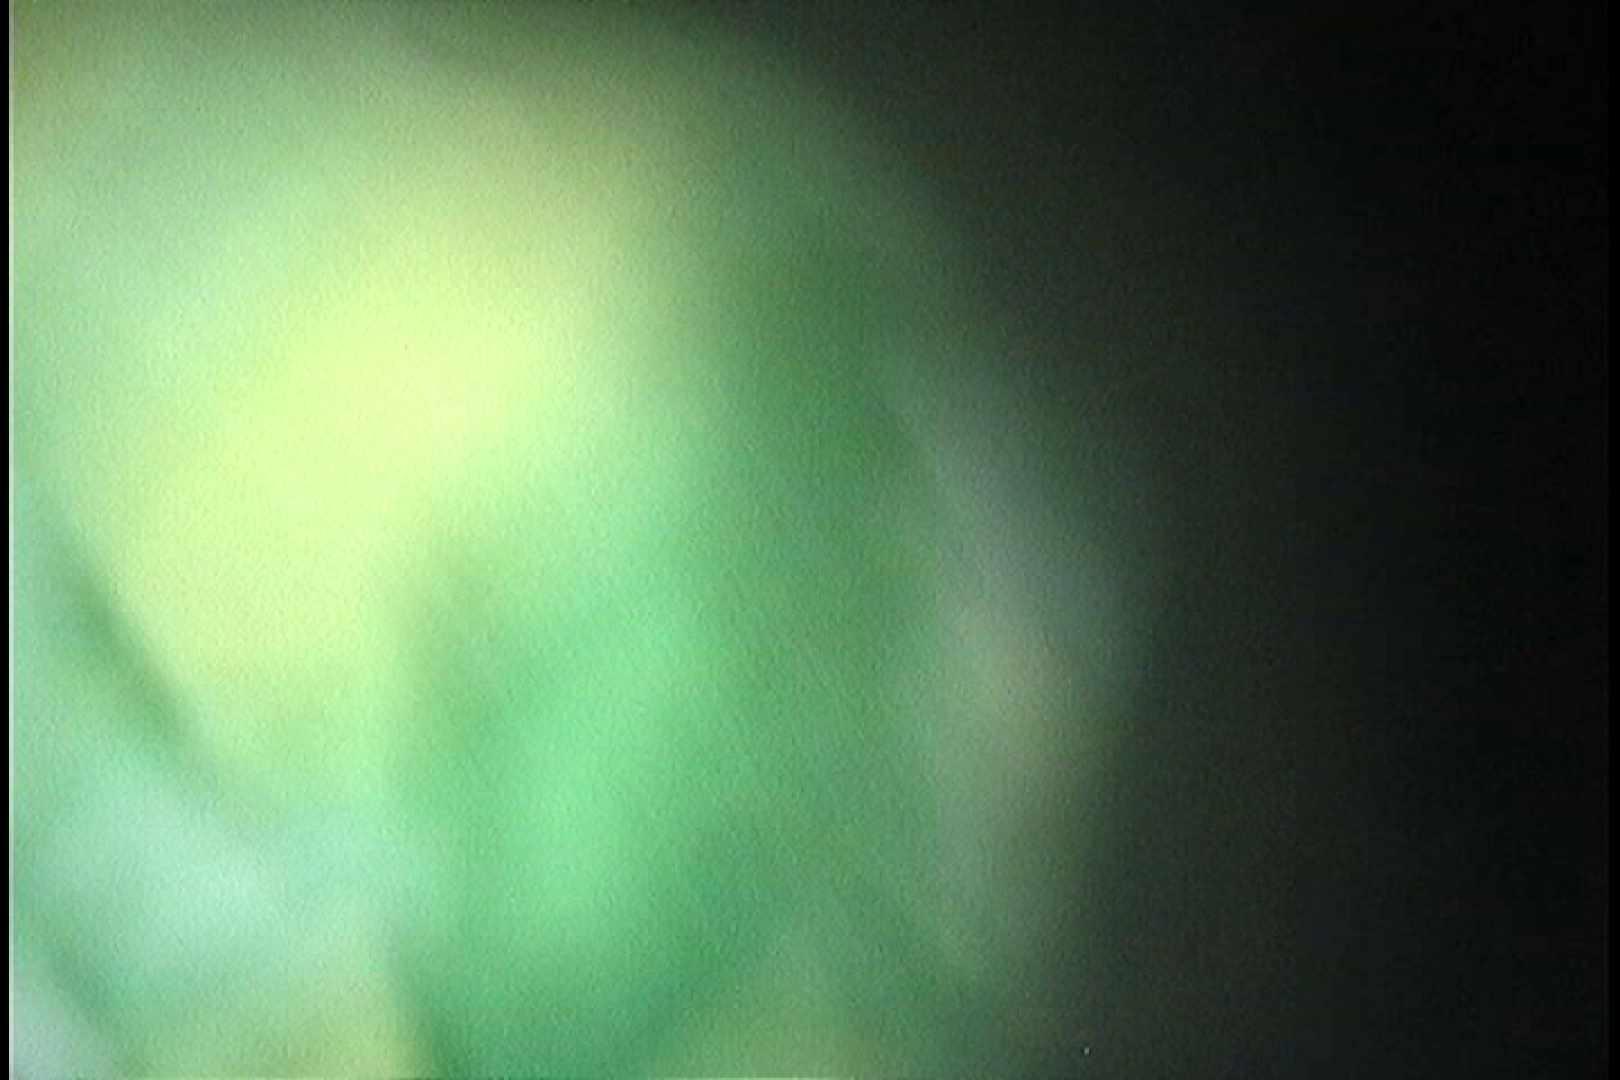 No.22 日焼け跡とオッパイの関係がおかしな貧乳ギャル 接写 われめAV動画紹介 10枚 3